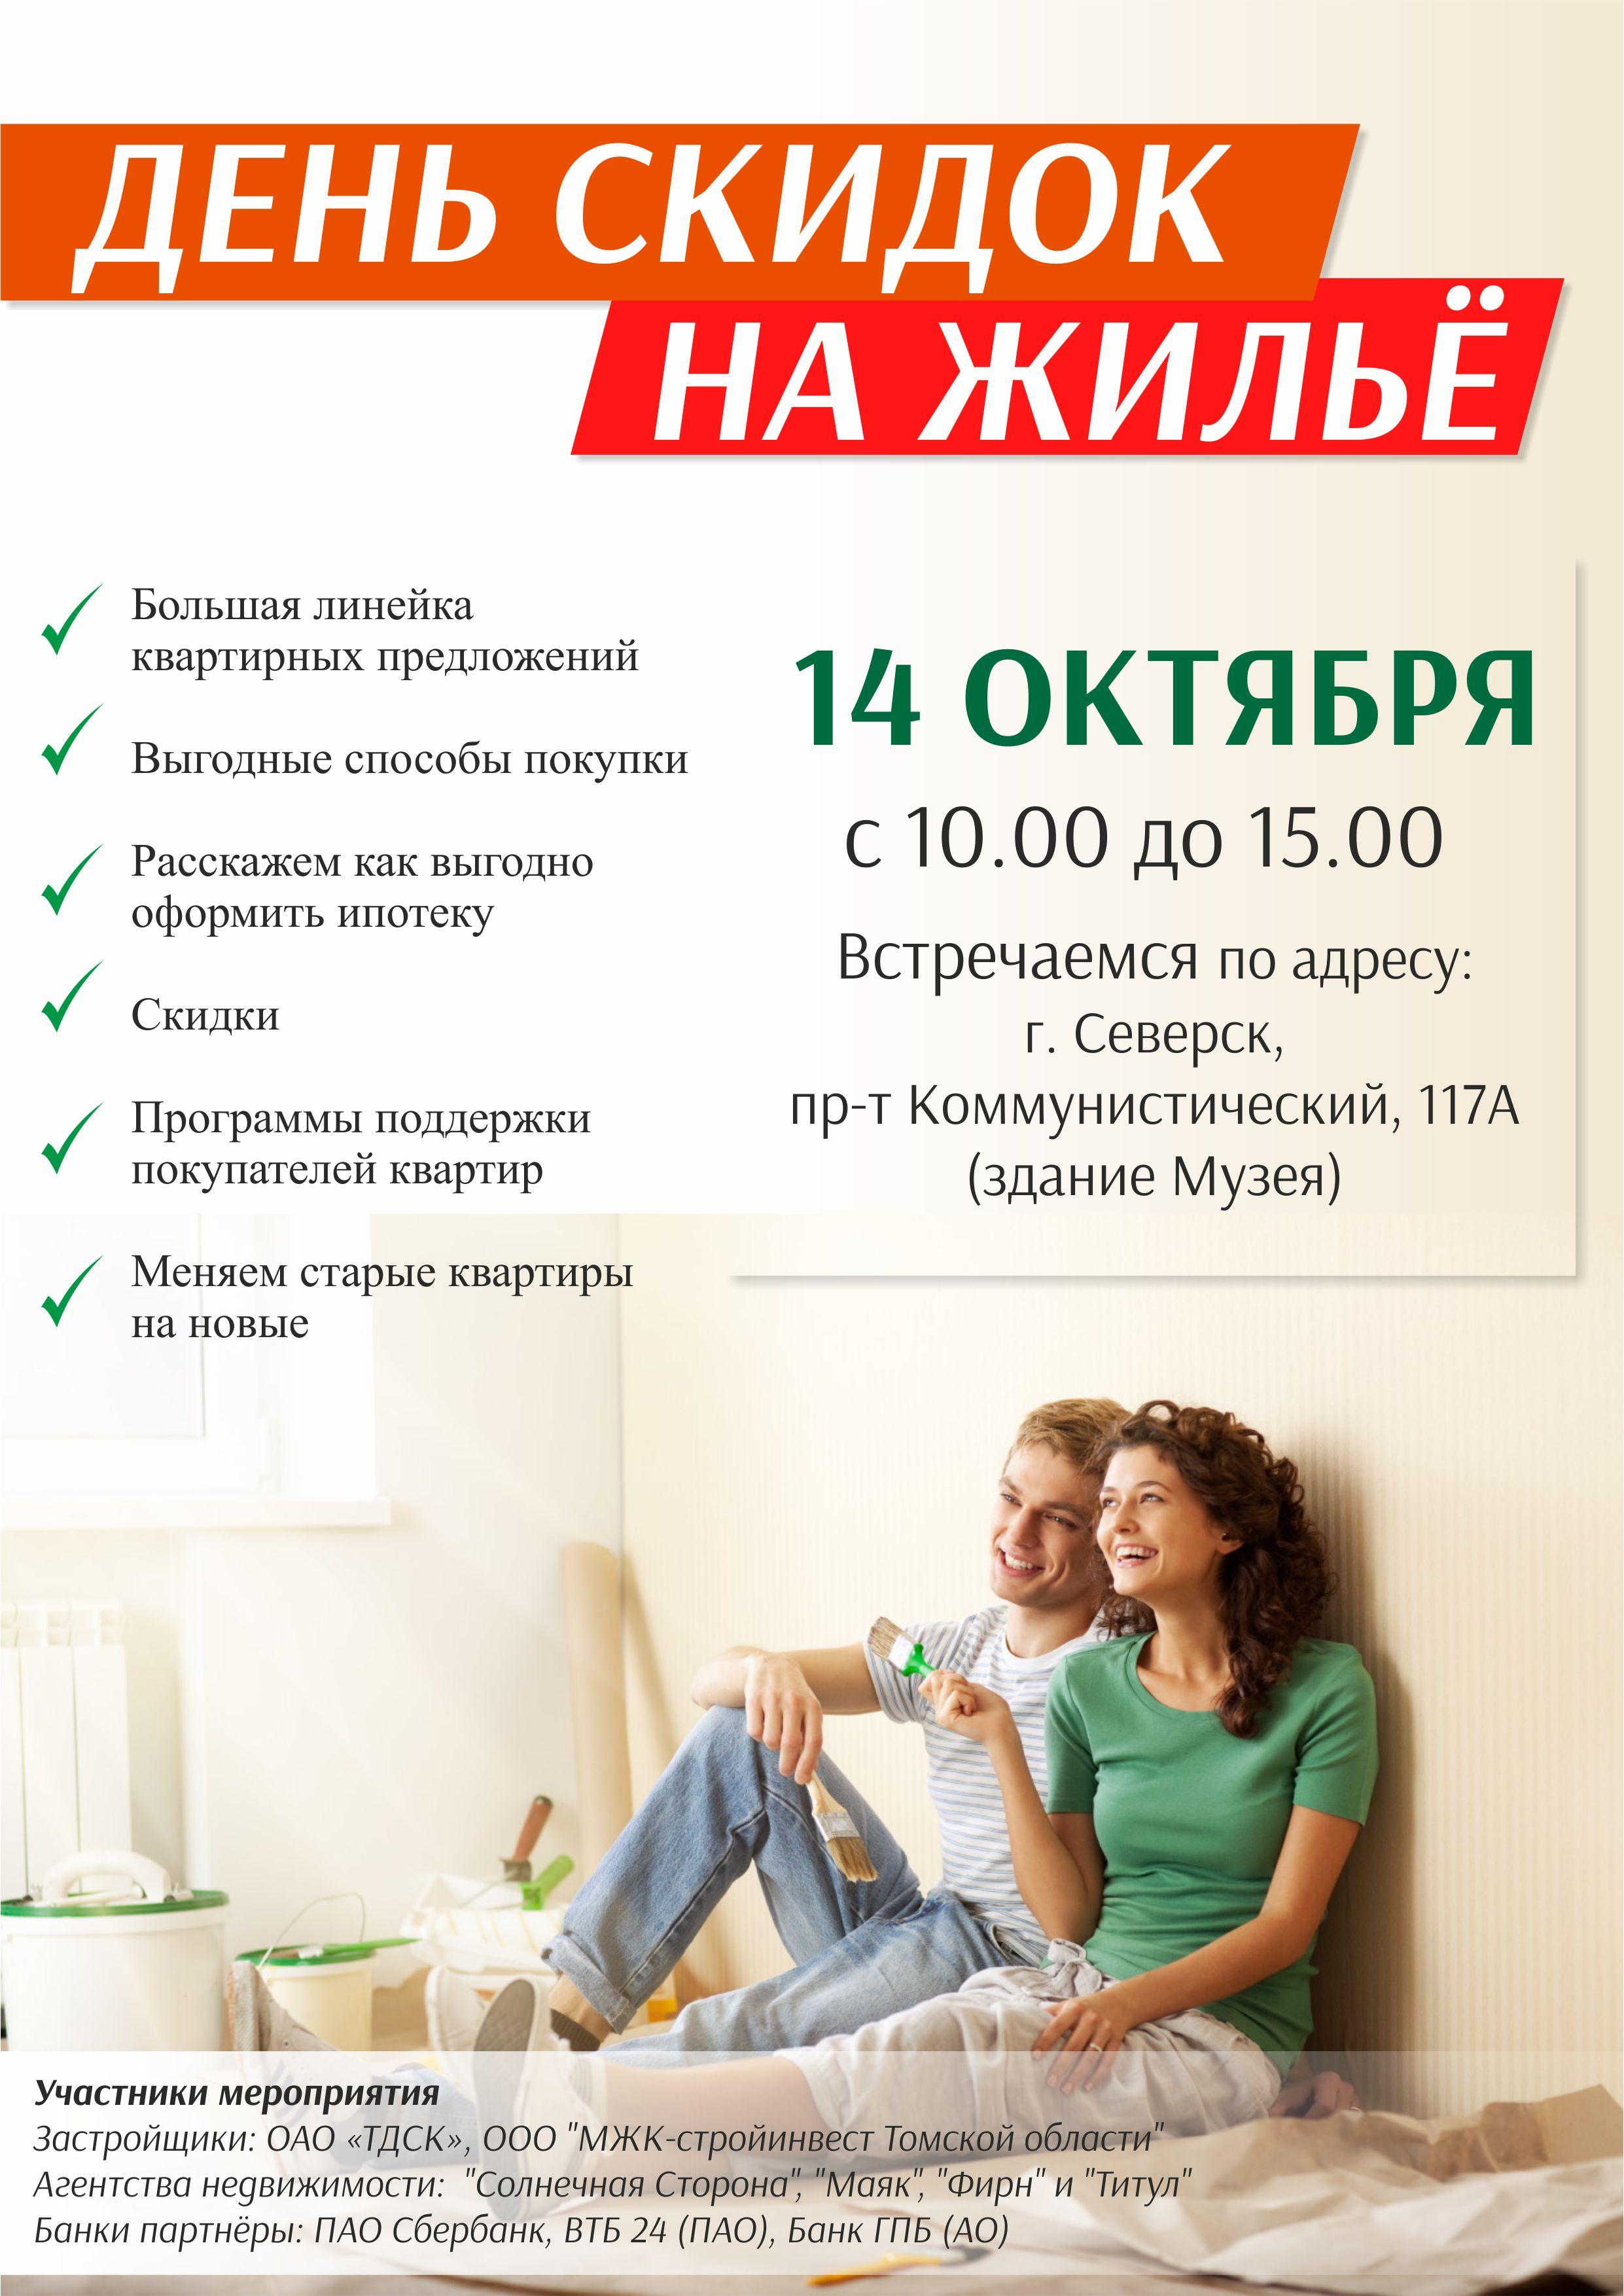 14 октября приглашаем жителей Северска на «День скидок на жилье»